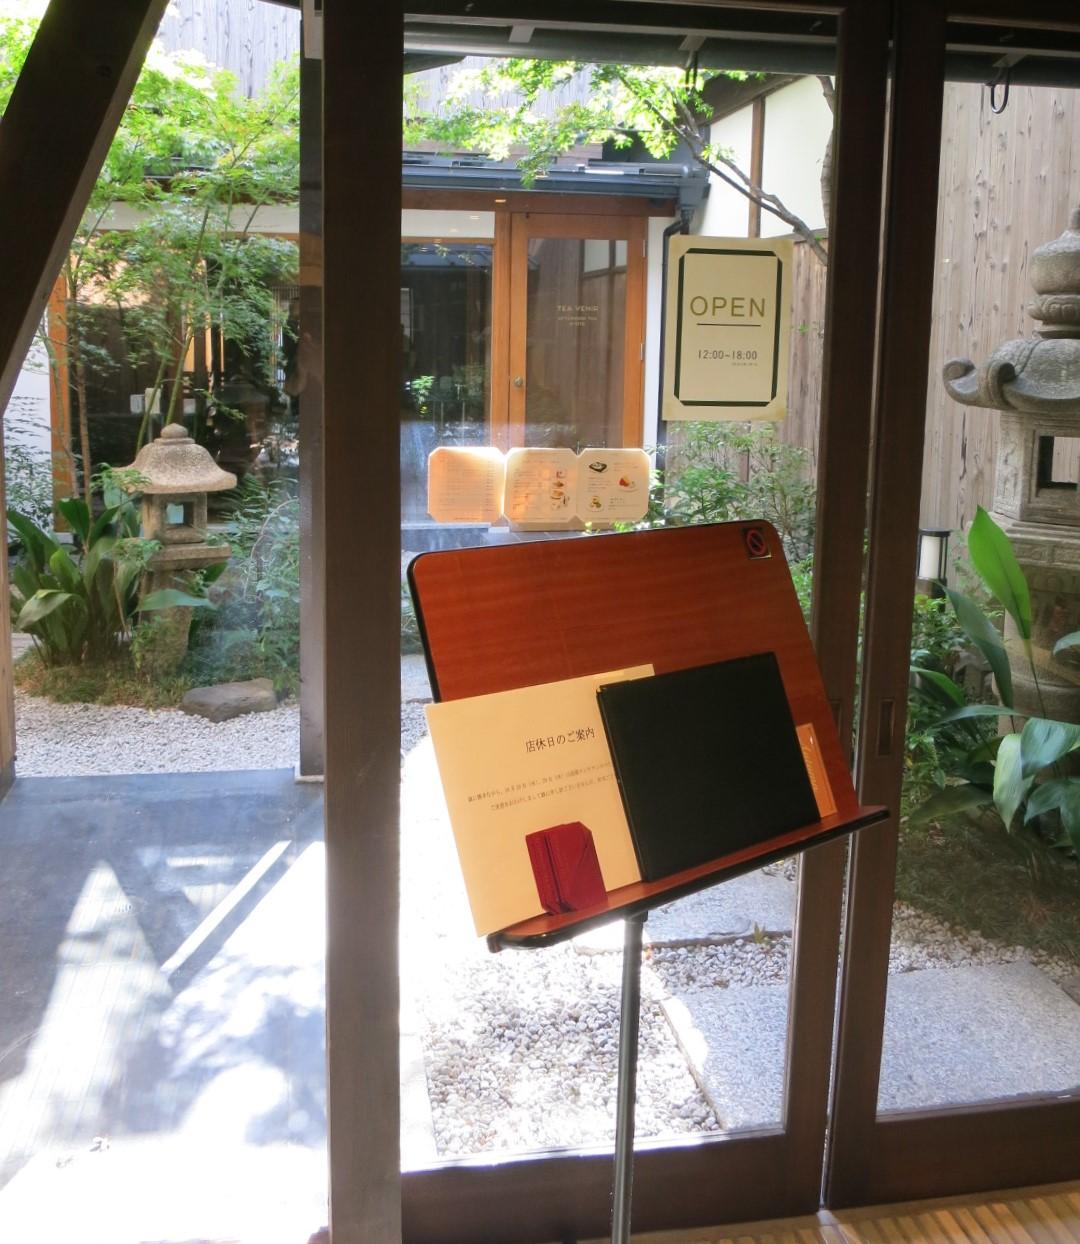 京都で朝活④ 次回の為の覚書き♪_f0236260_17115624.jpg